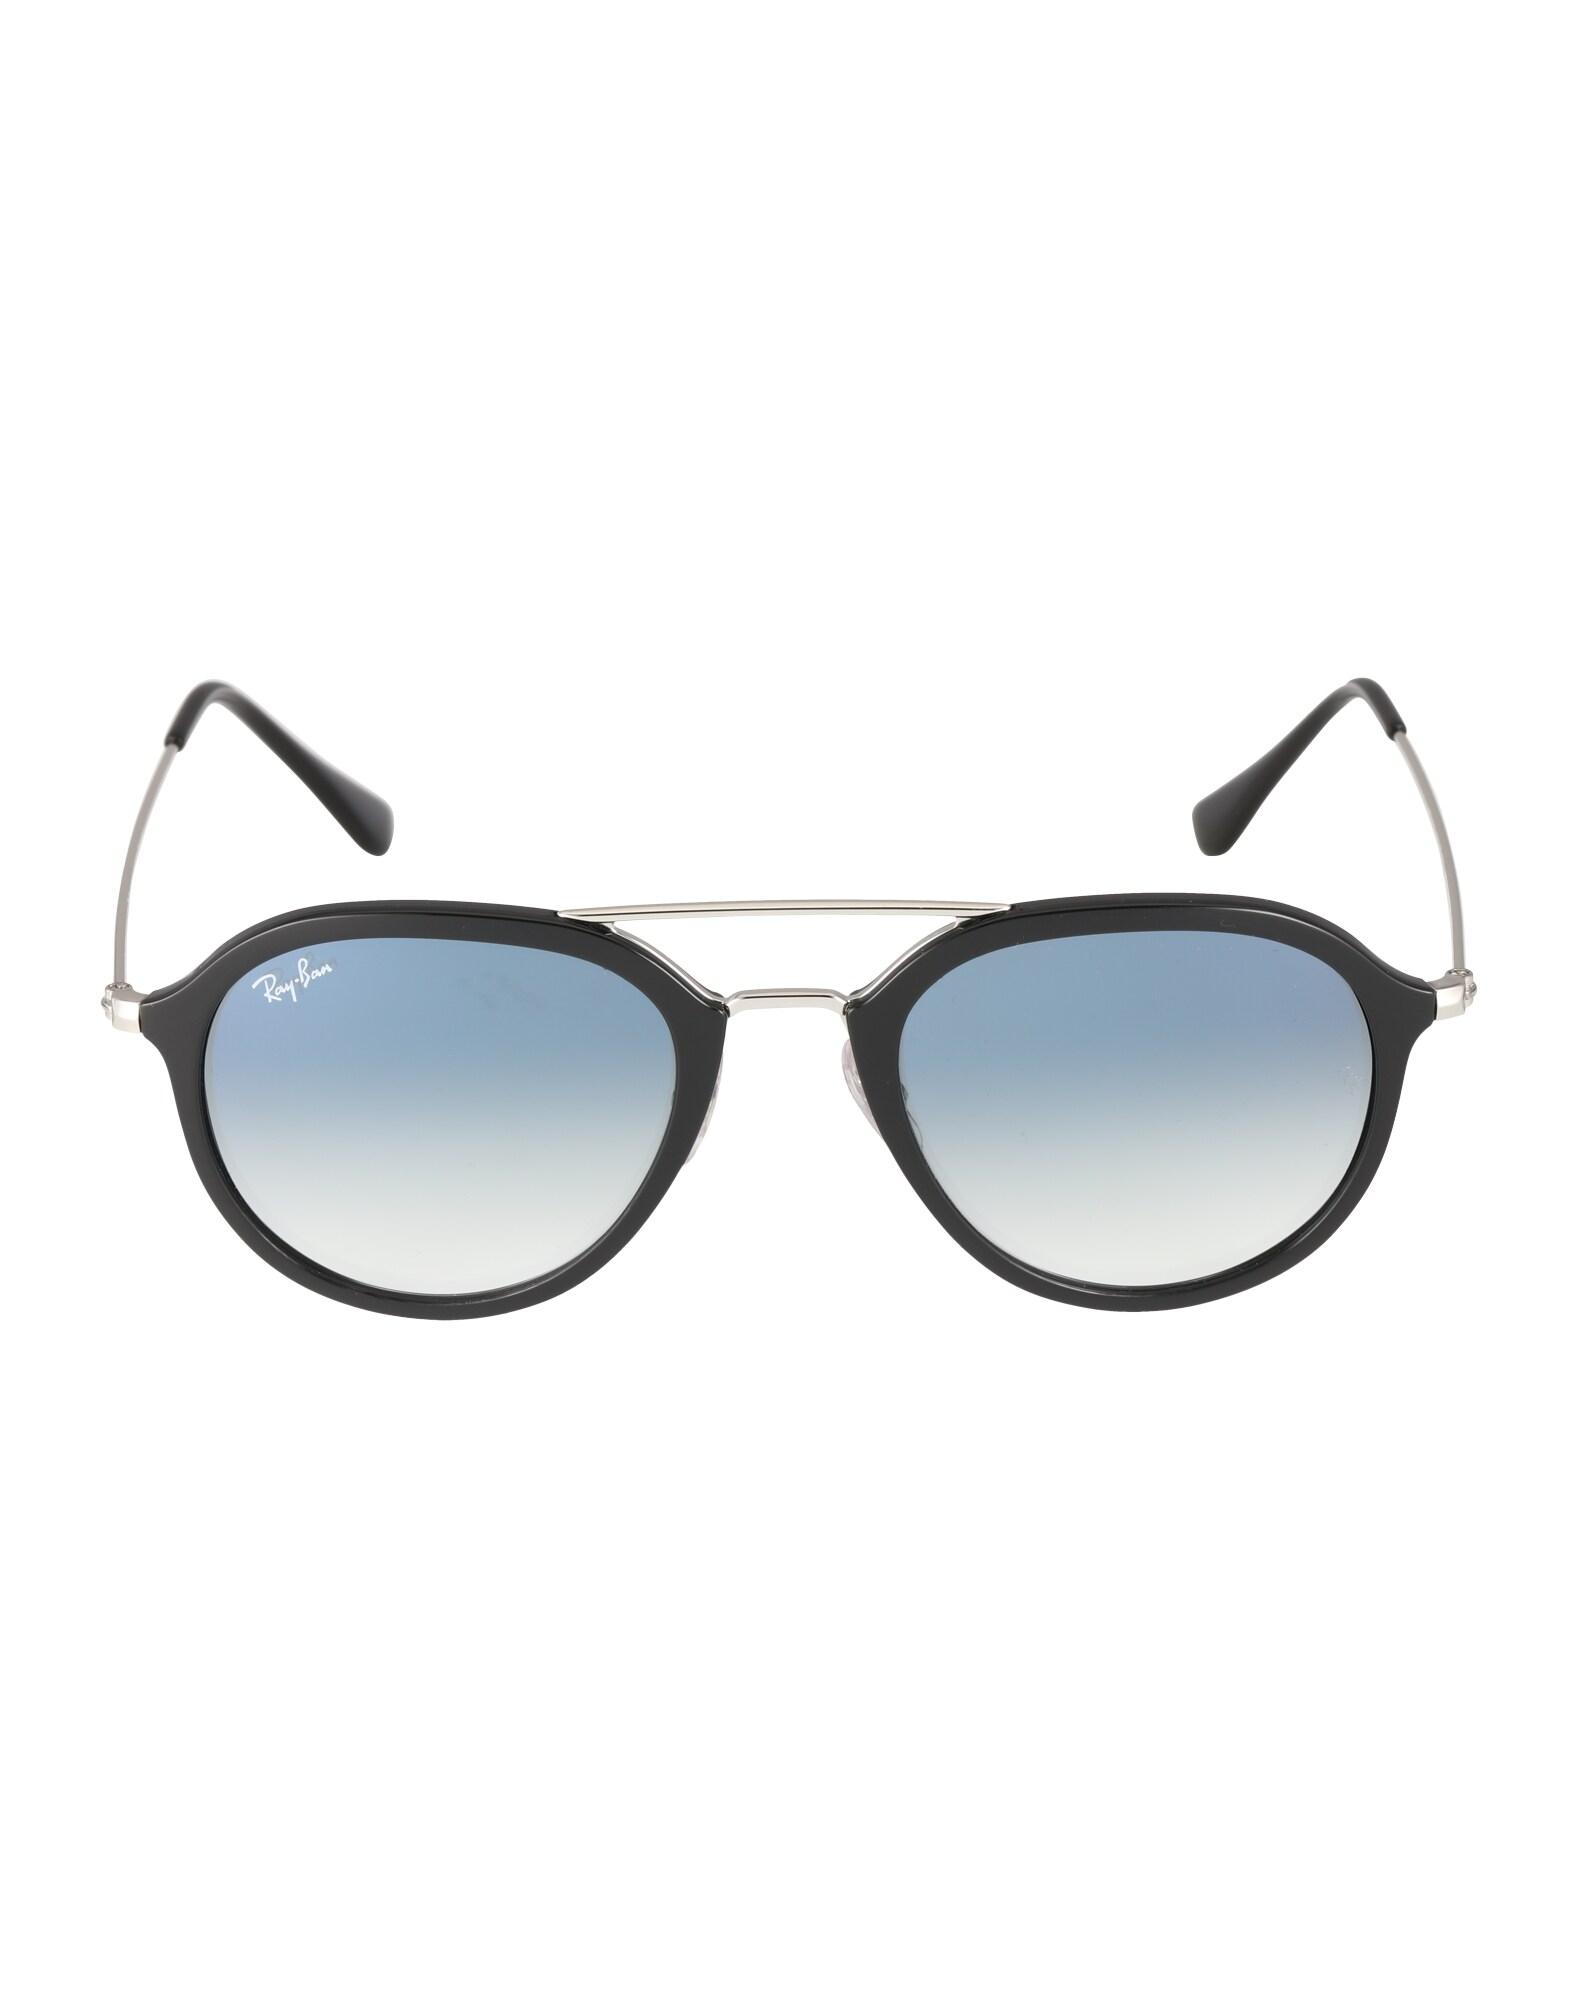 Sluneční brýle 0RB4253 černá stříbrná Ray-Ban